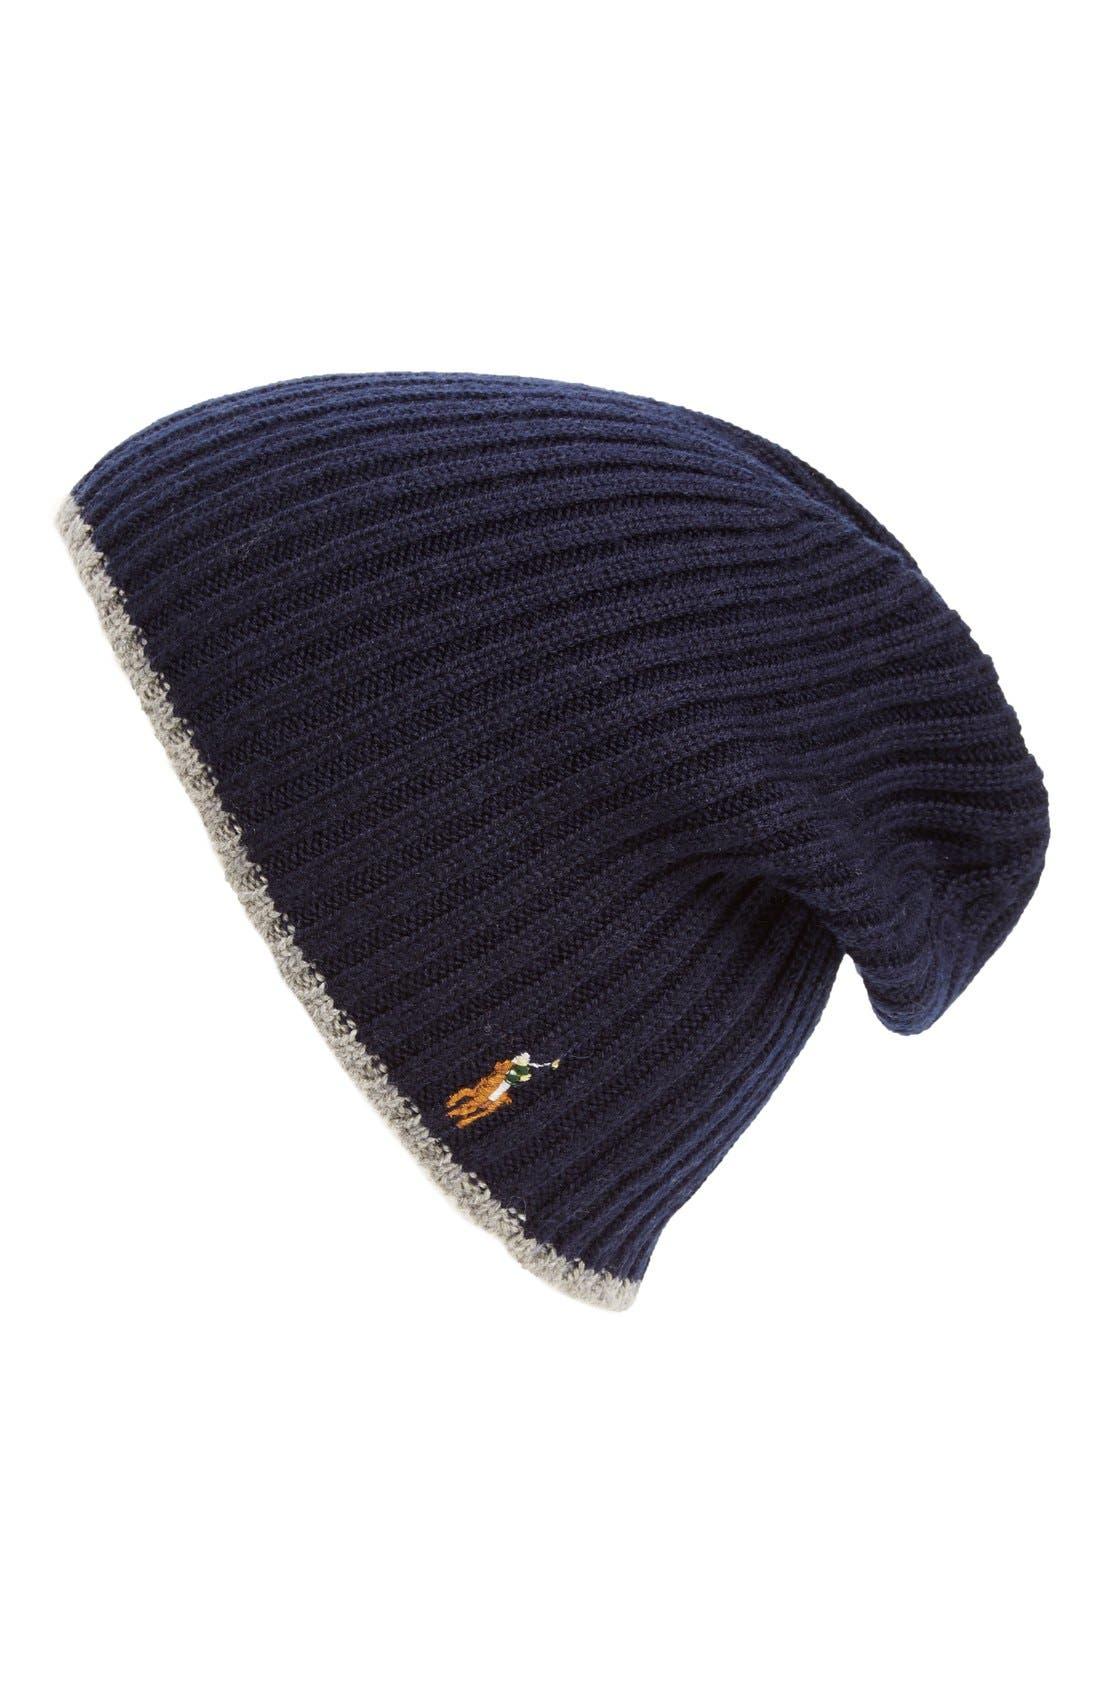 Main Image - Polo Ralph Lauren Classic Merino Wool Cap